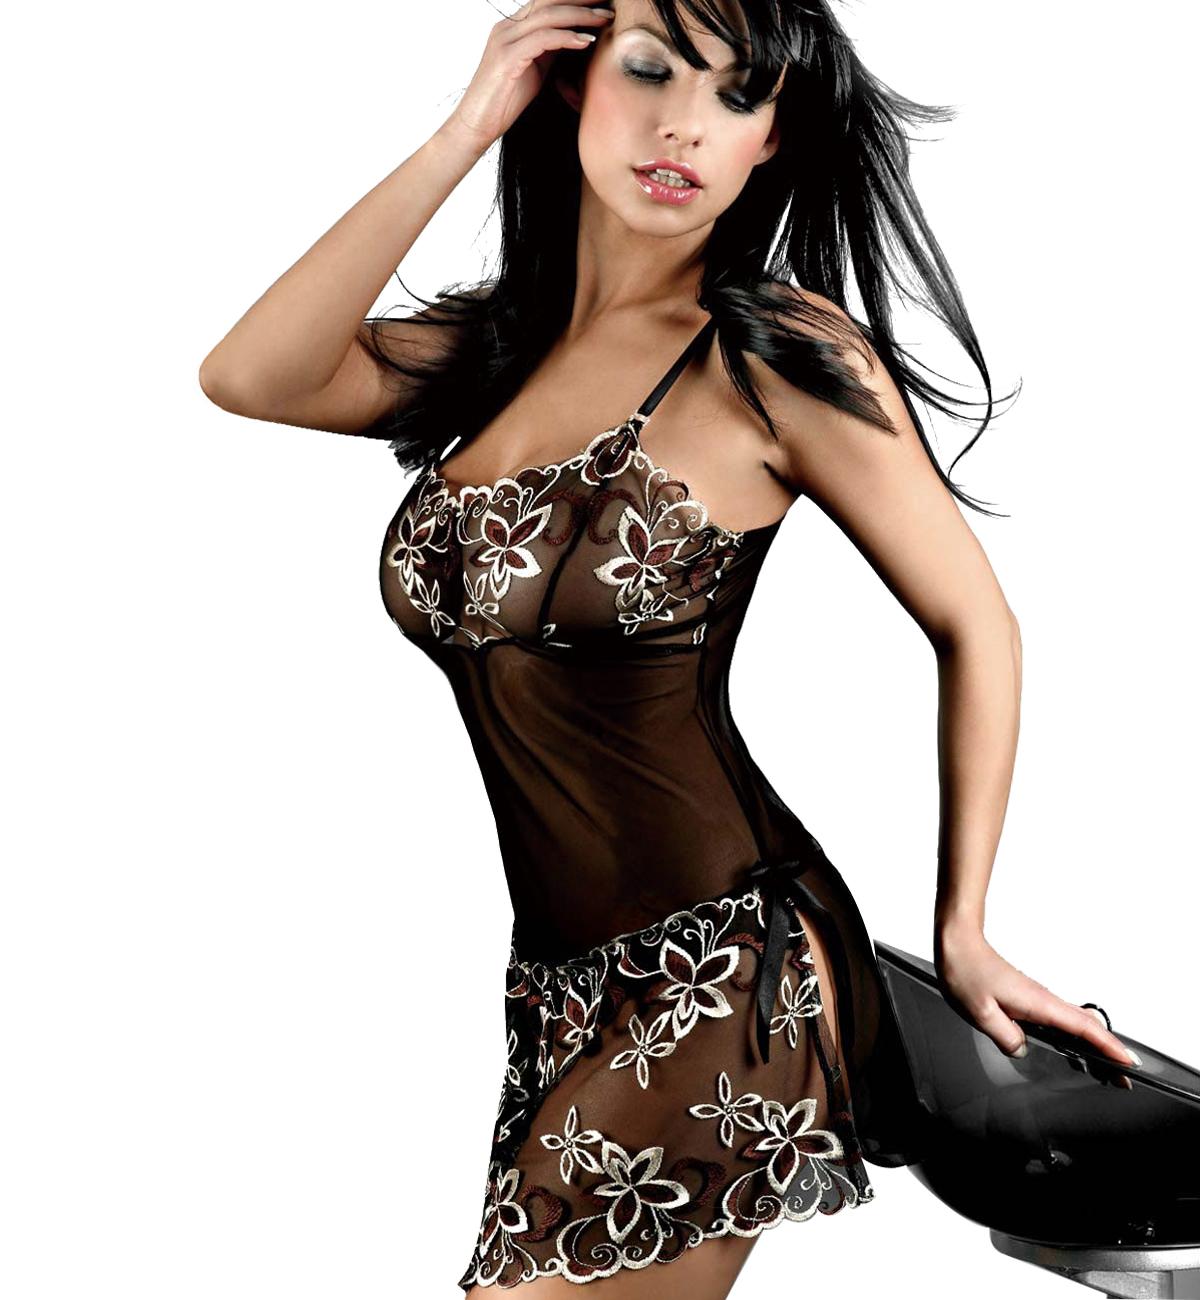 Dessous modelle groe sexy plus